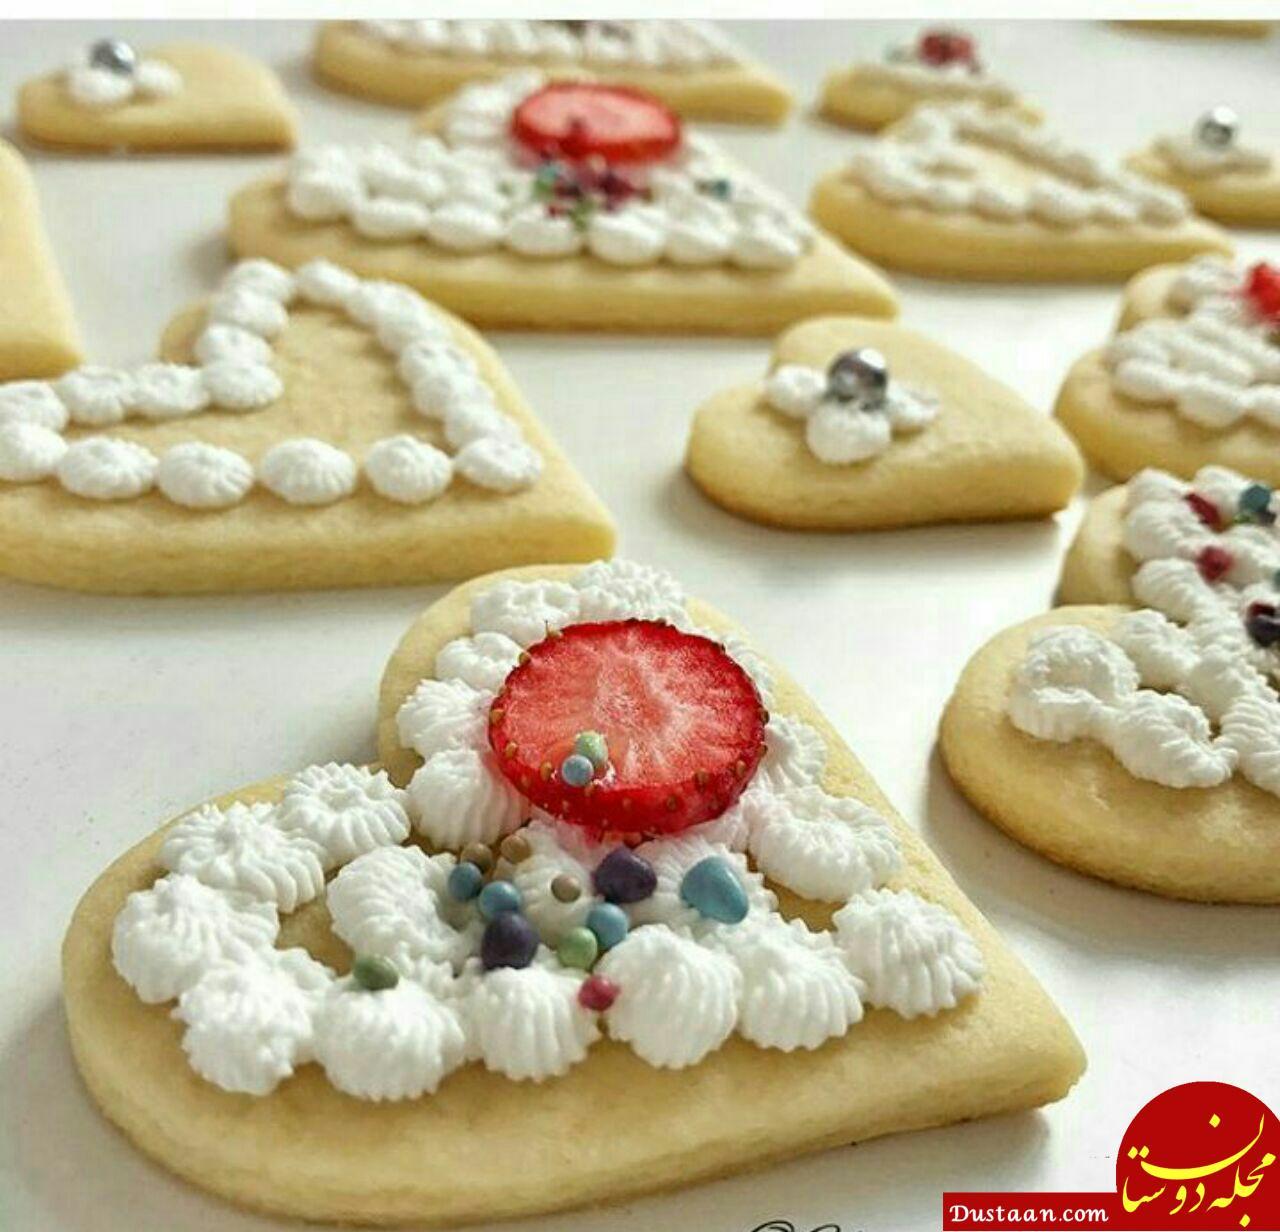 www.dustaan.com طرز تهیه بیسکوییت ساده به سبکی خوشمزه در خانه